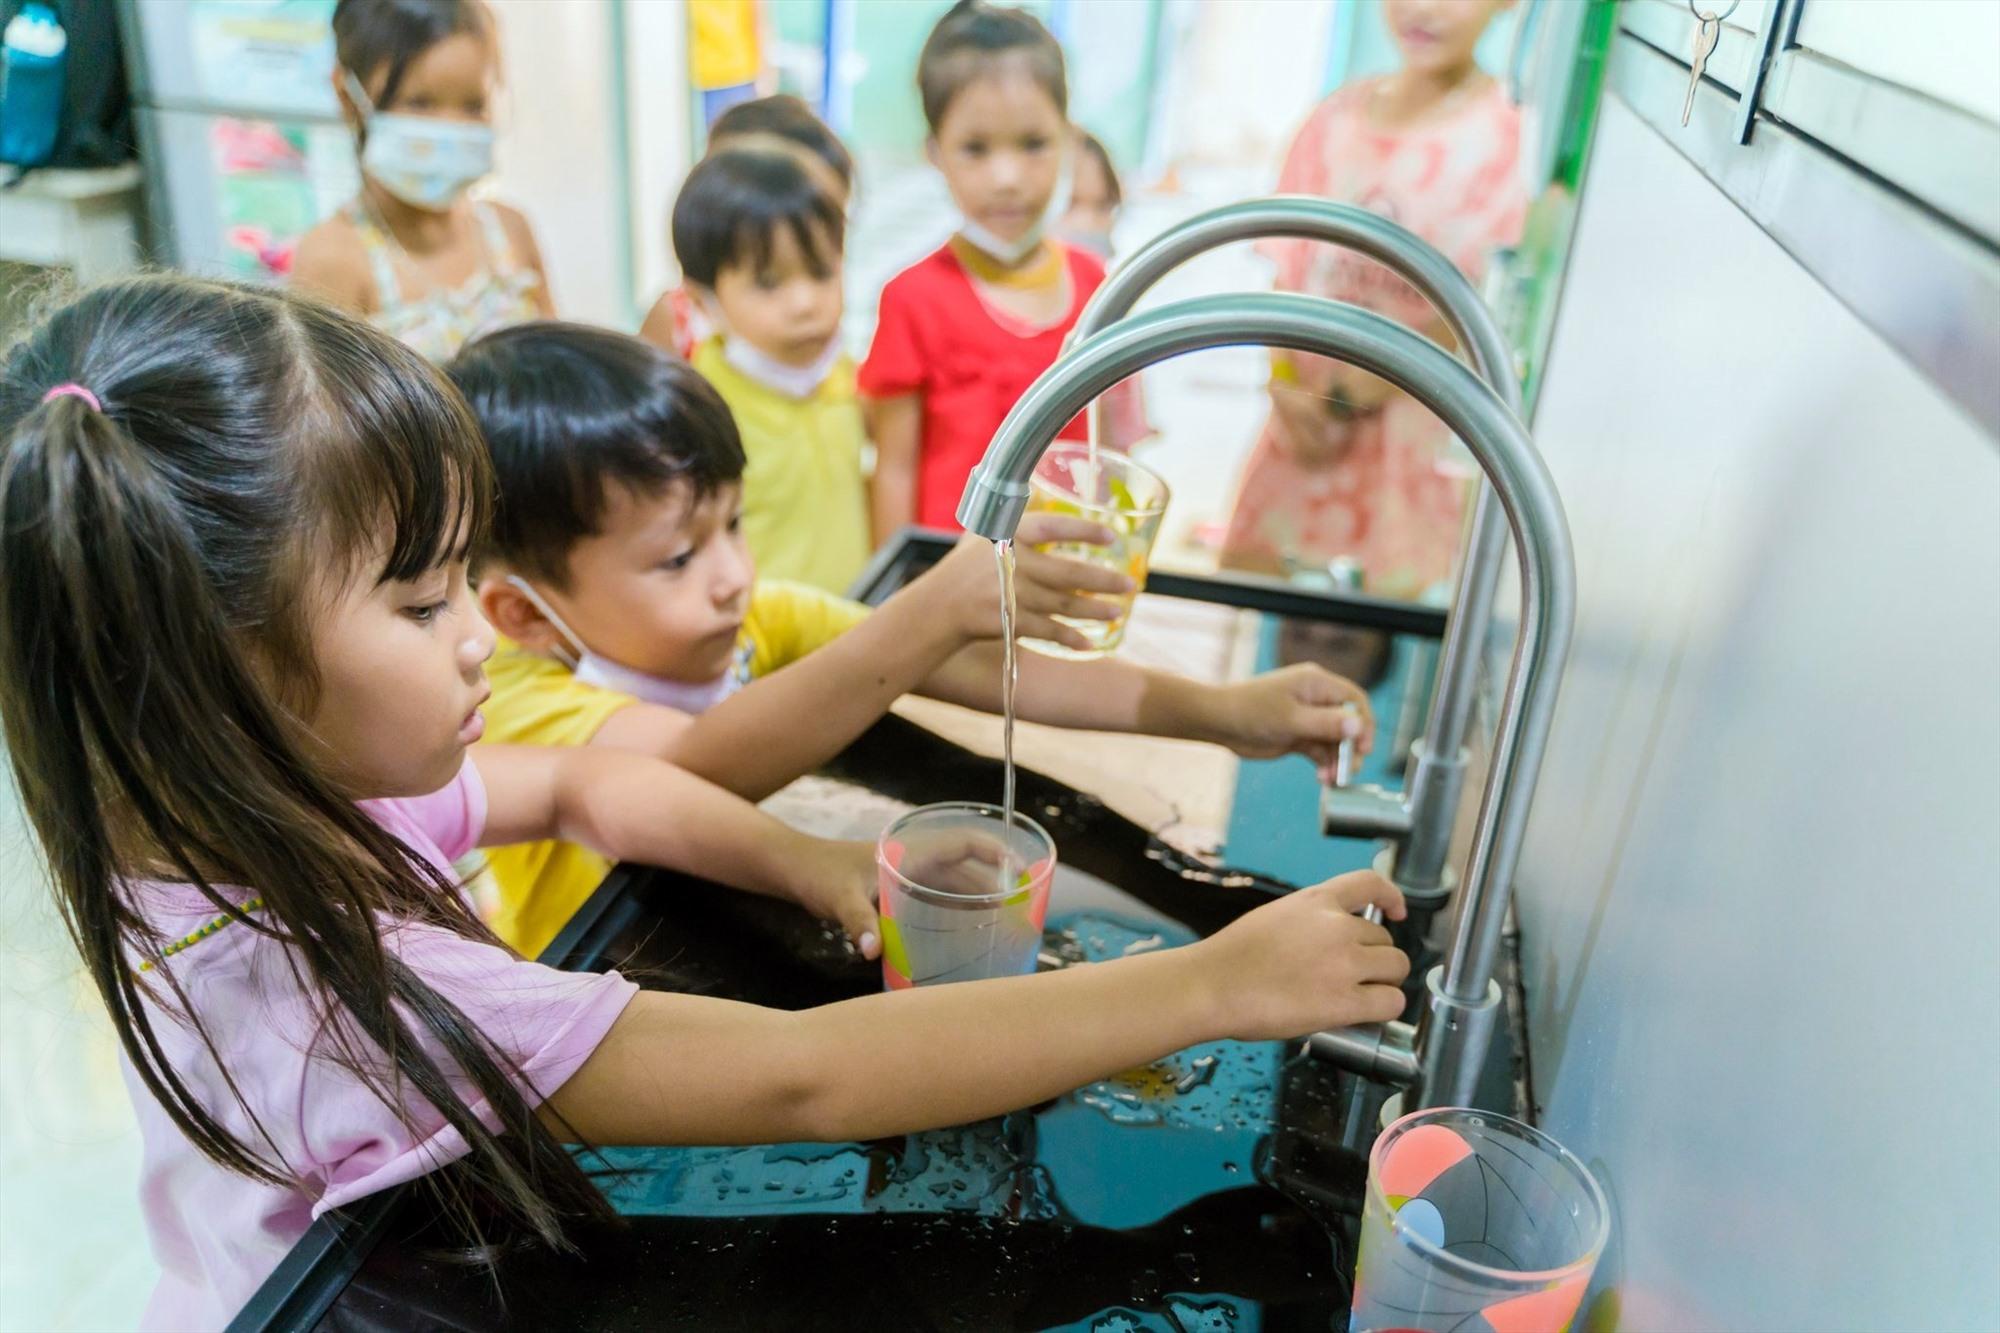 Nhiều trẻ em đã được hưởng lợi từ các chương trình dự án về nước sạch